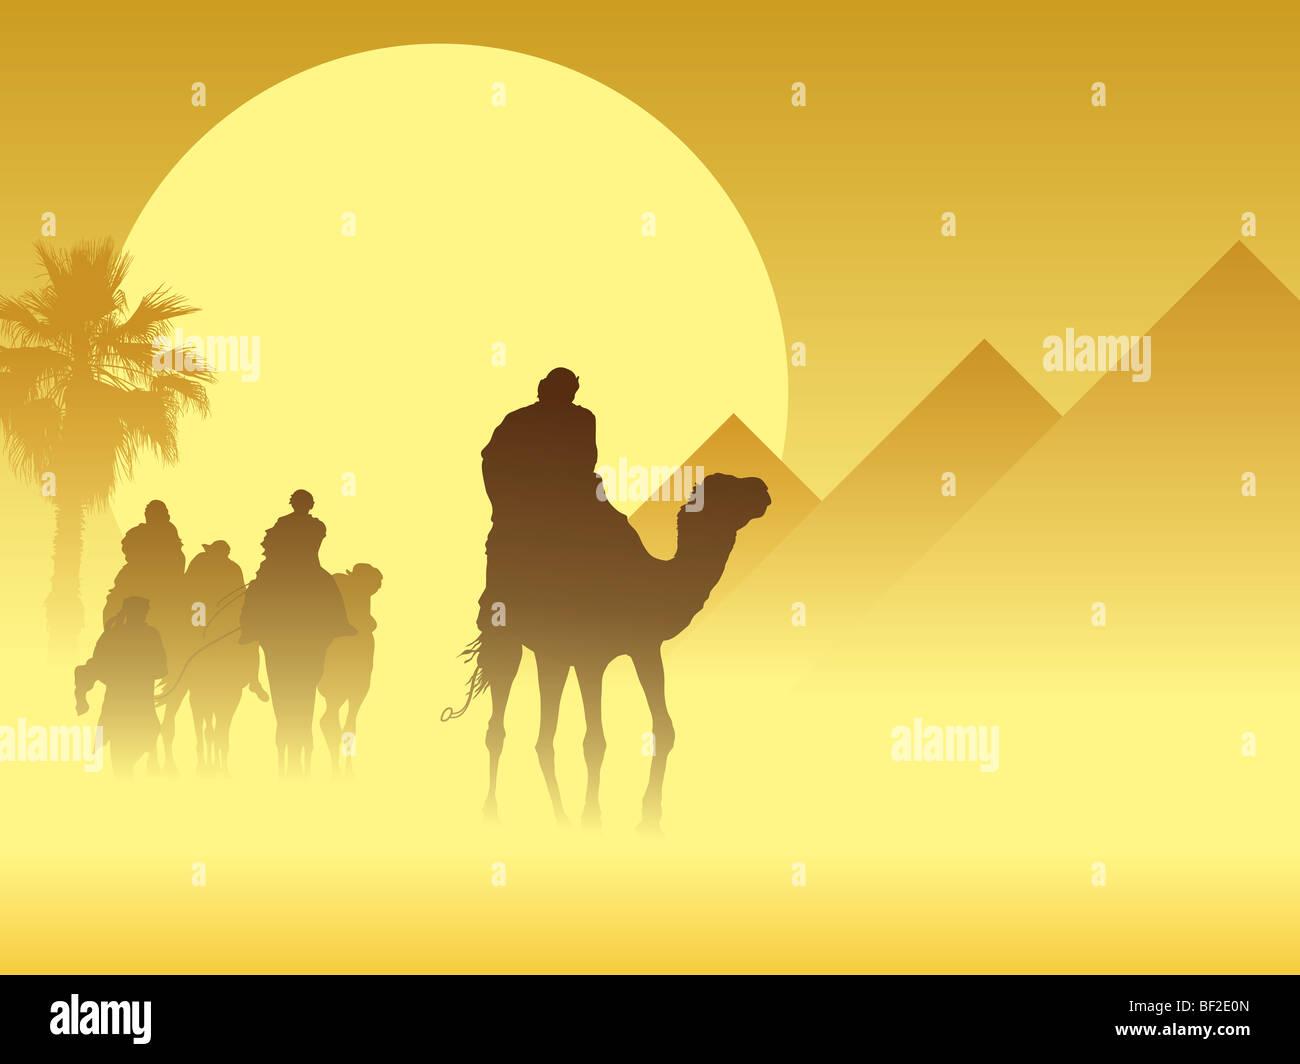 Caravane de chameaux en passant par la tempête près de pyramides Photo Stock